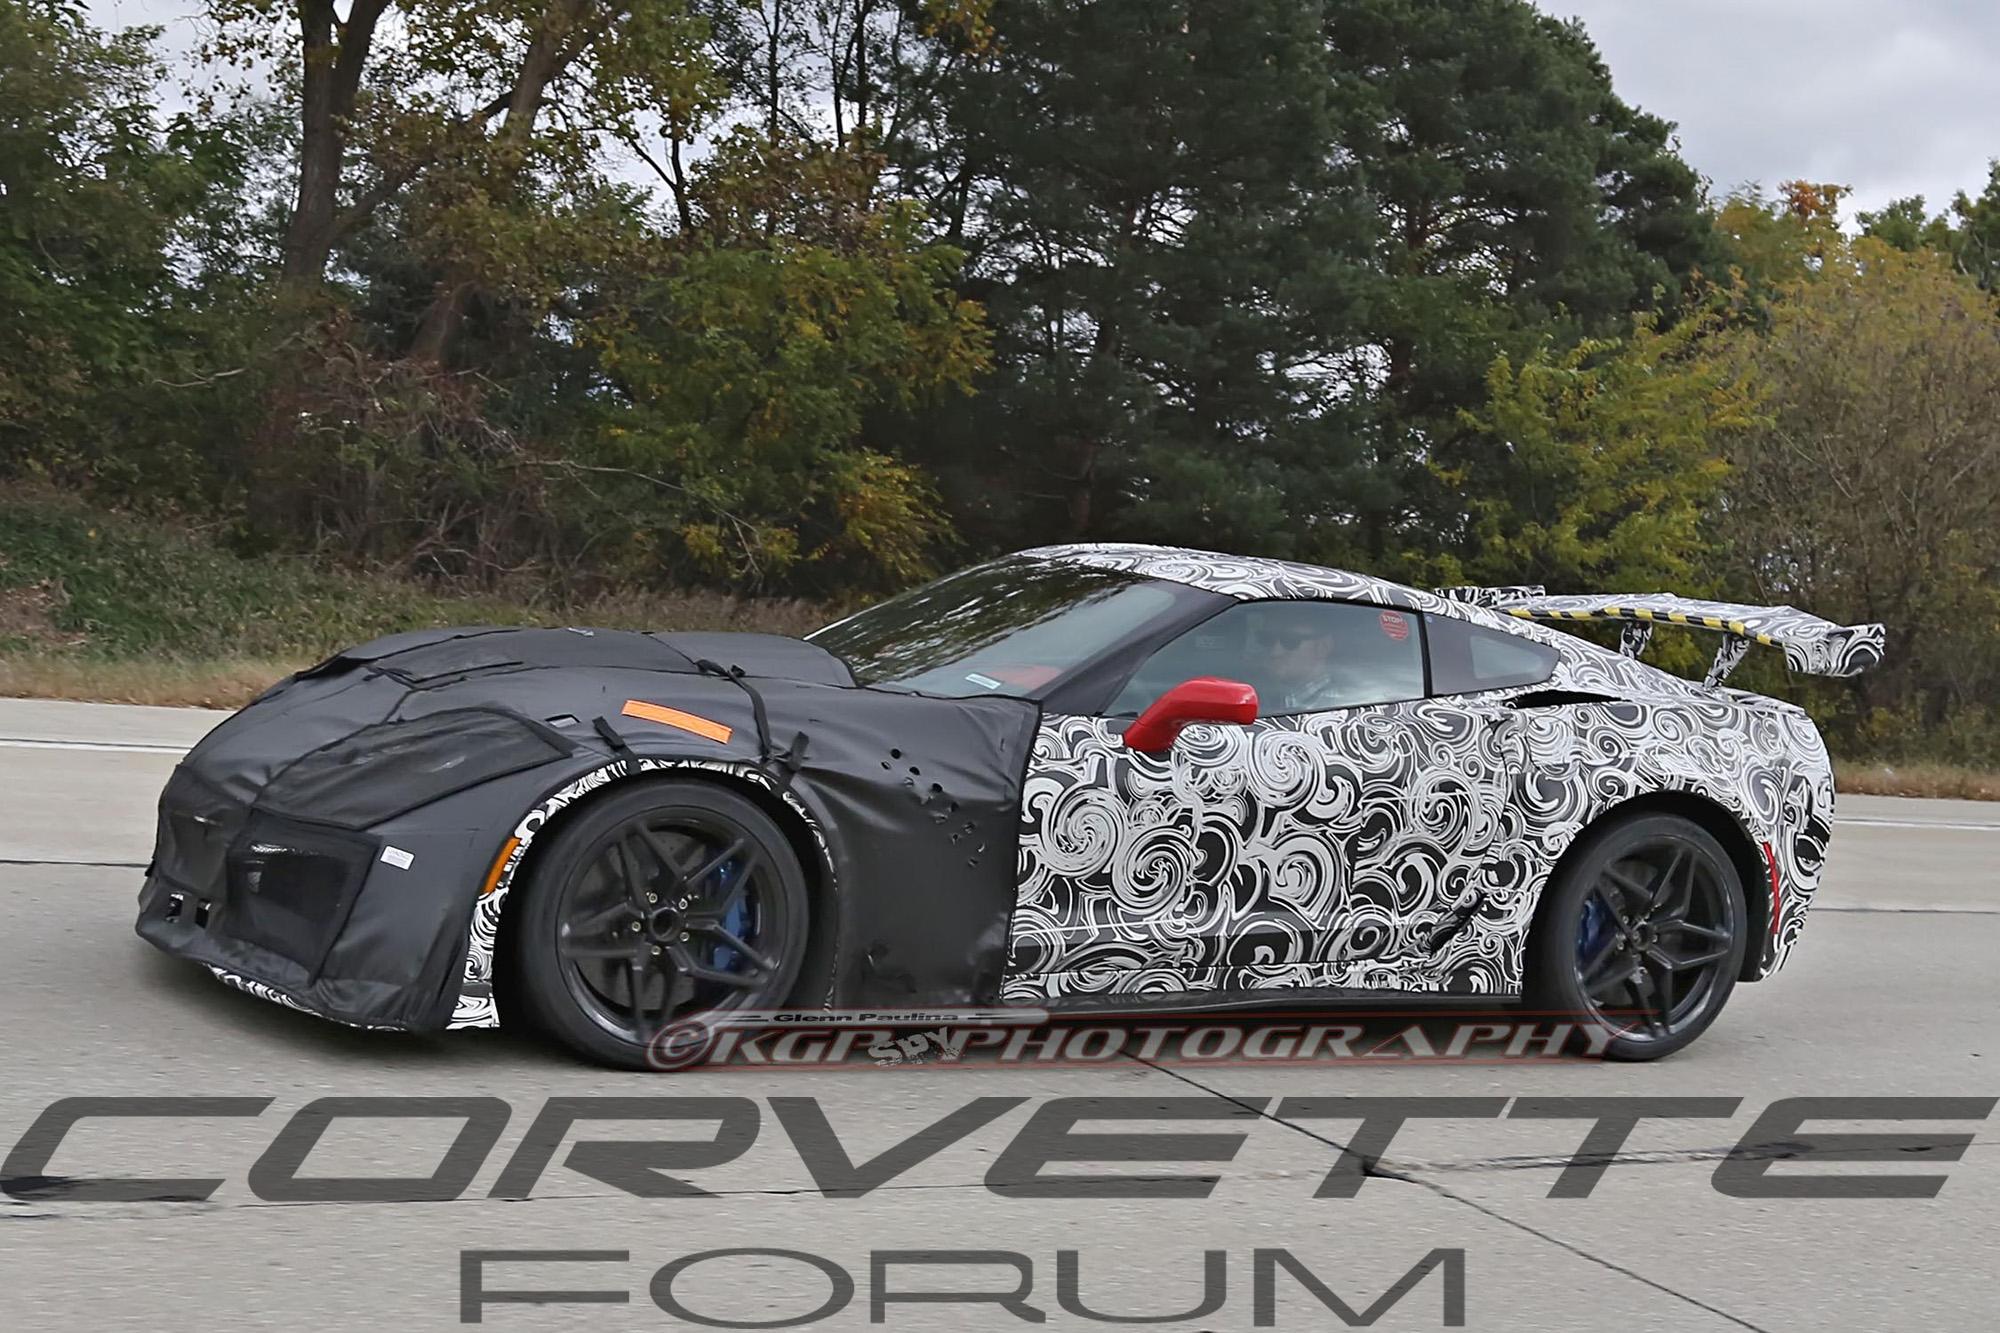 C7 Corvette Zr1 With Big Wing 6 Corvetteforum